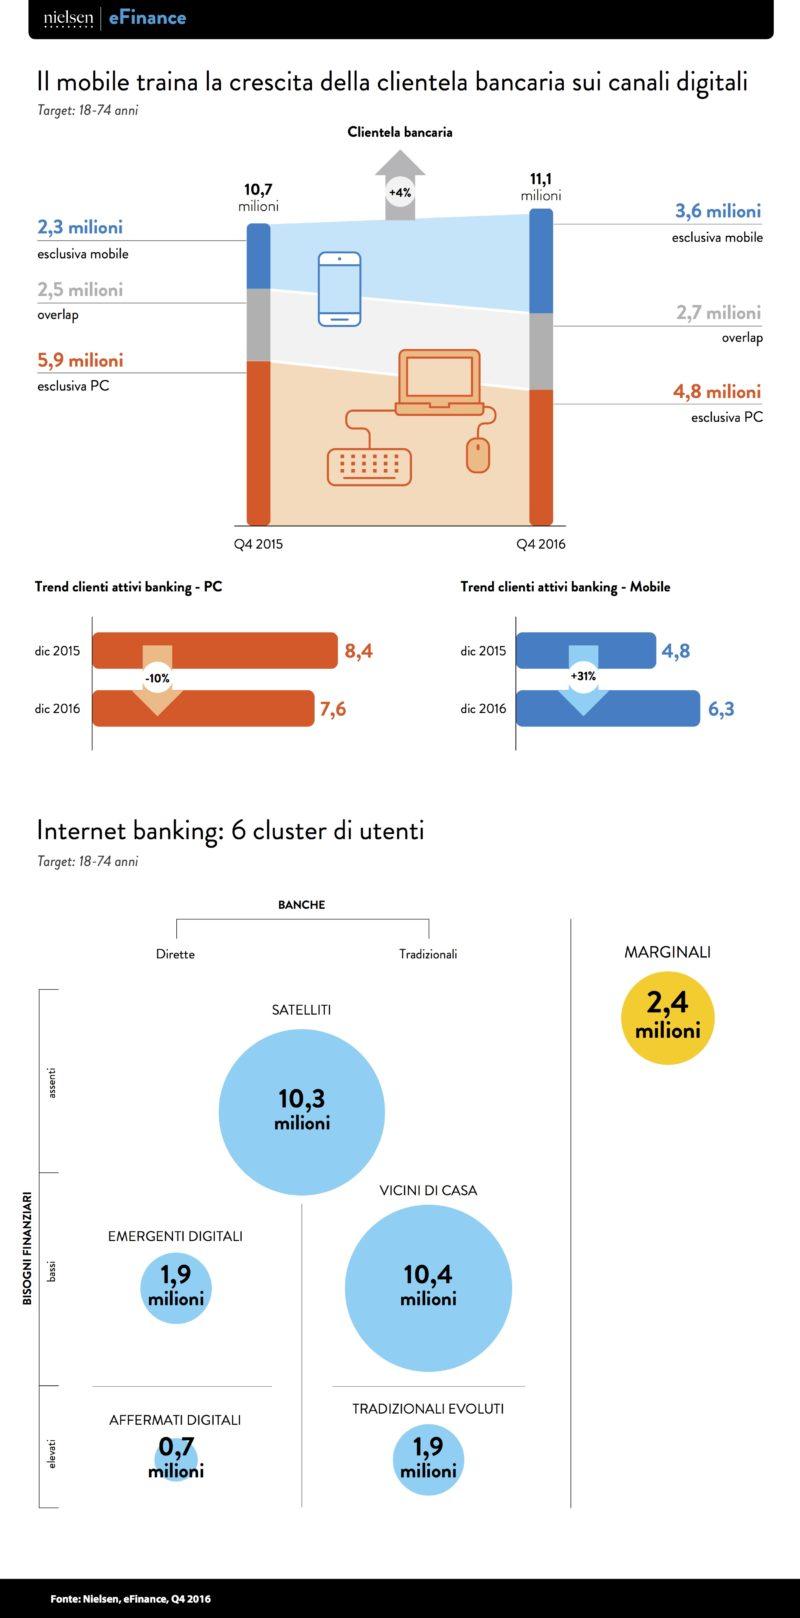 Nielsen_Infografica_eFinance